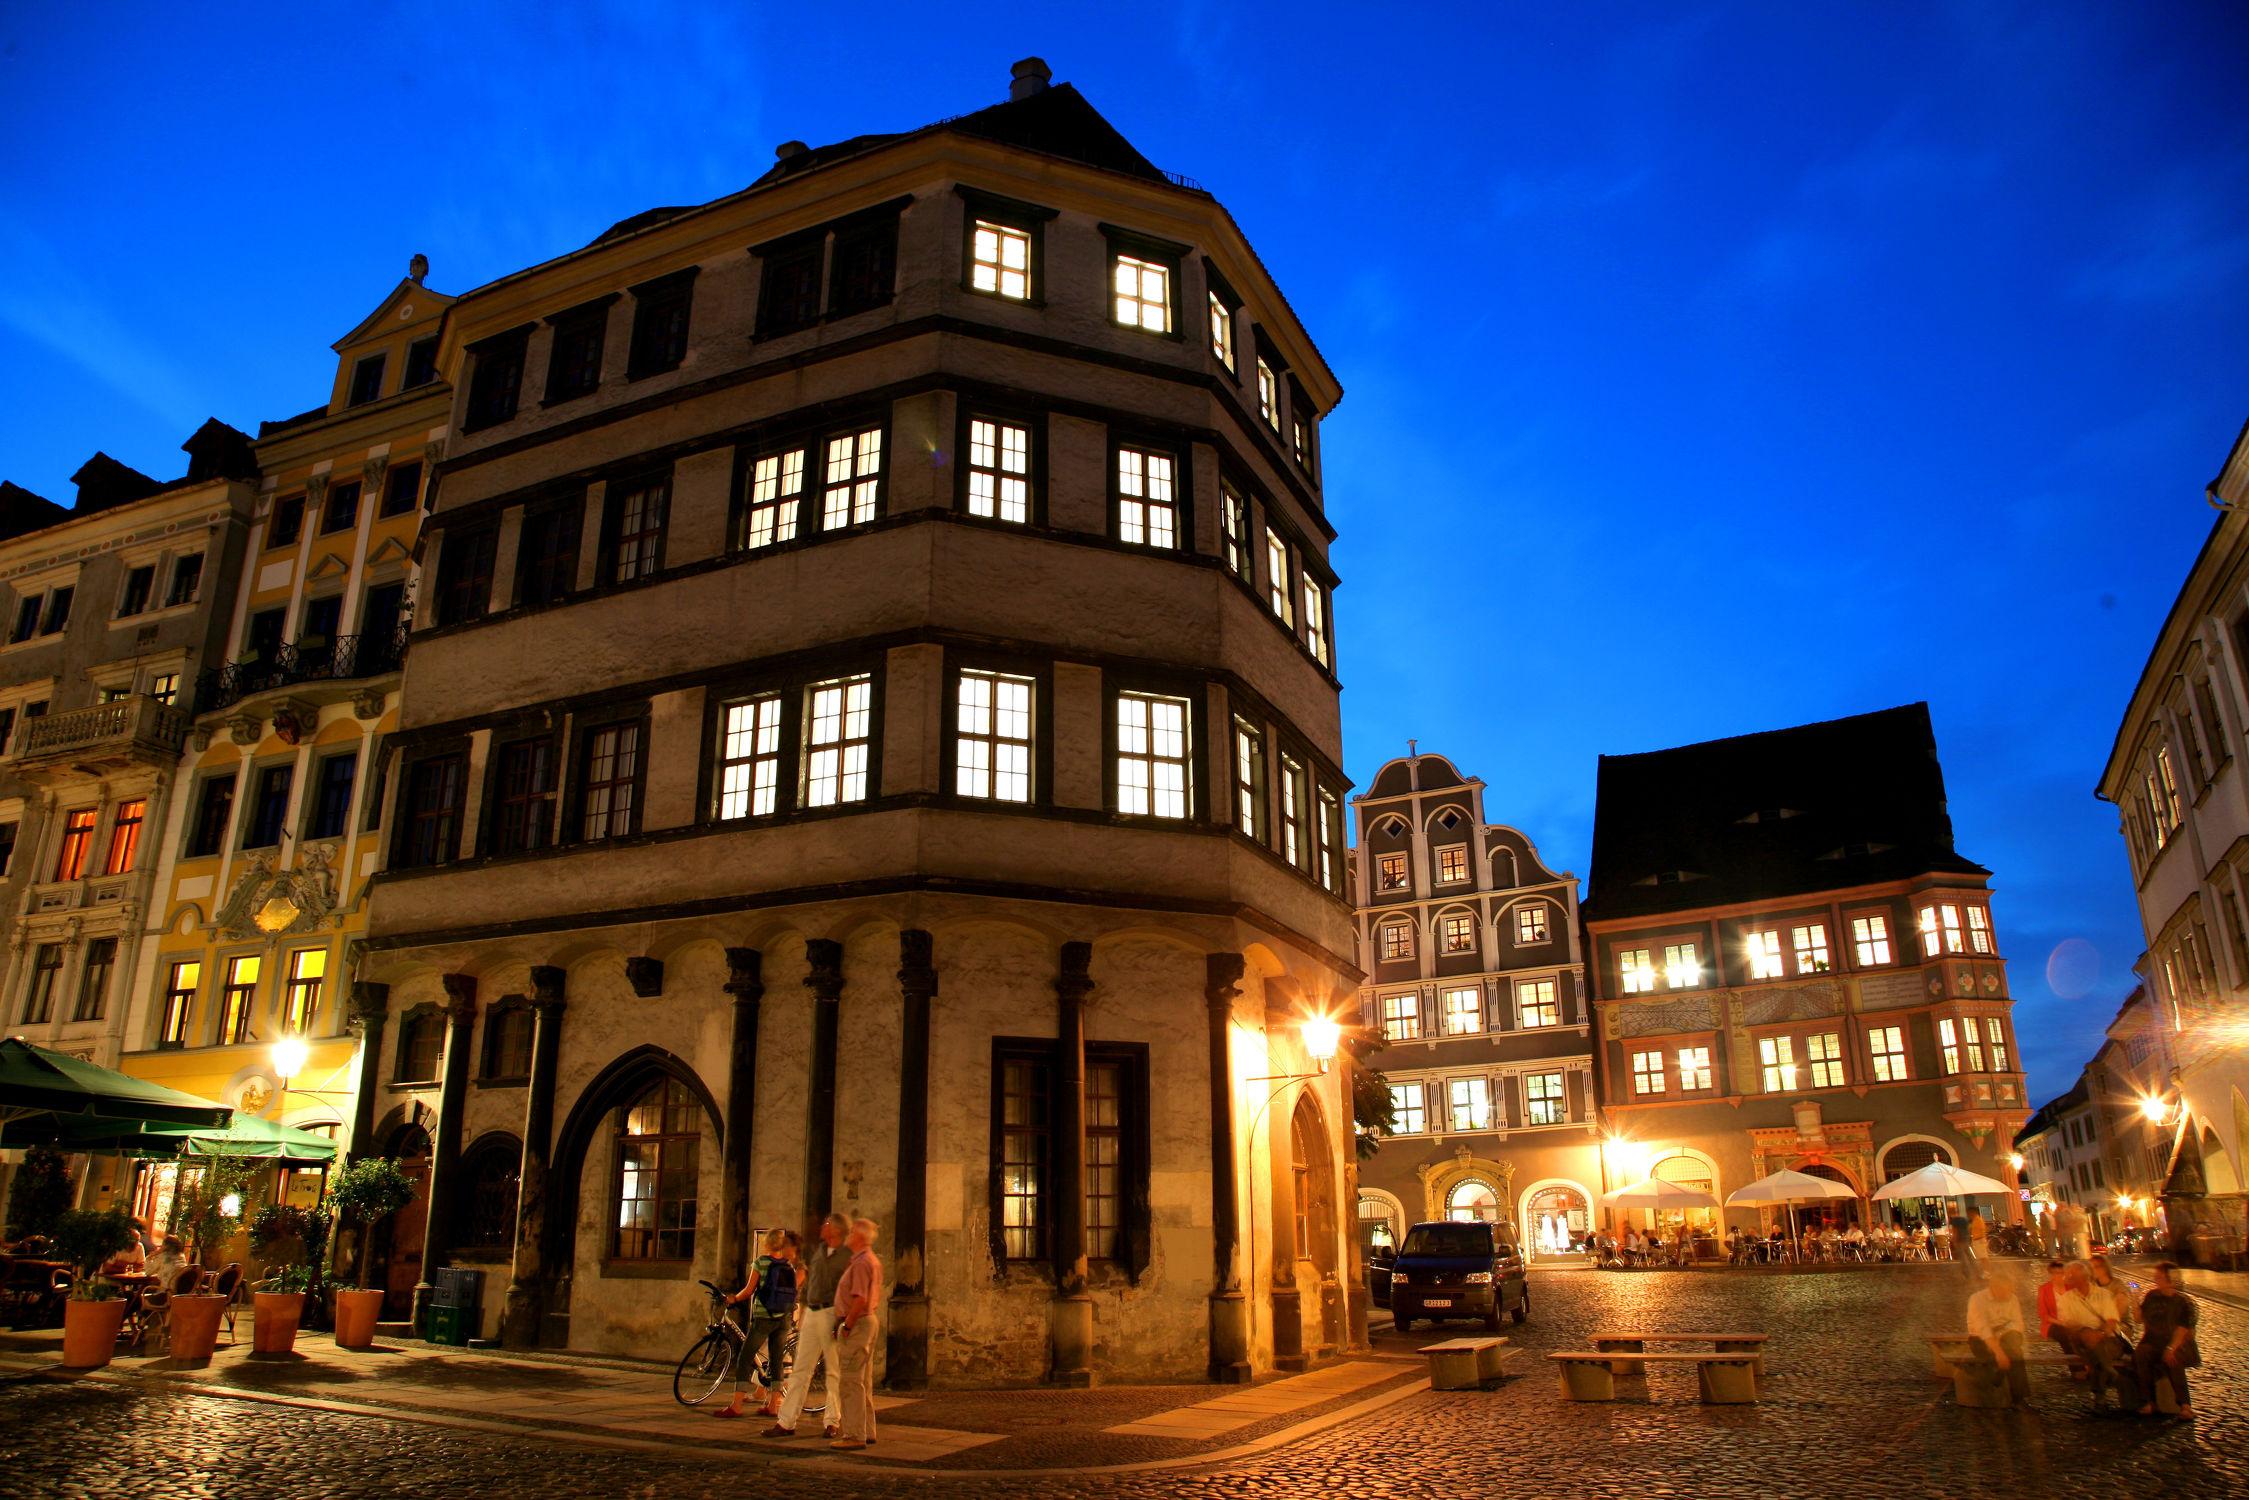 Bild mit Städte, Panorama, Stadt, Görlitz, Altstadt, historische Altstadt, Untermarkt, Görlitz Panorama, City, Görliwood, Görlitzer Altstadt, Görlitzer Untermarkt